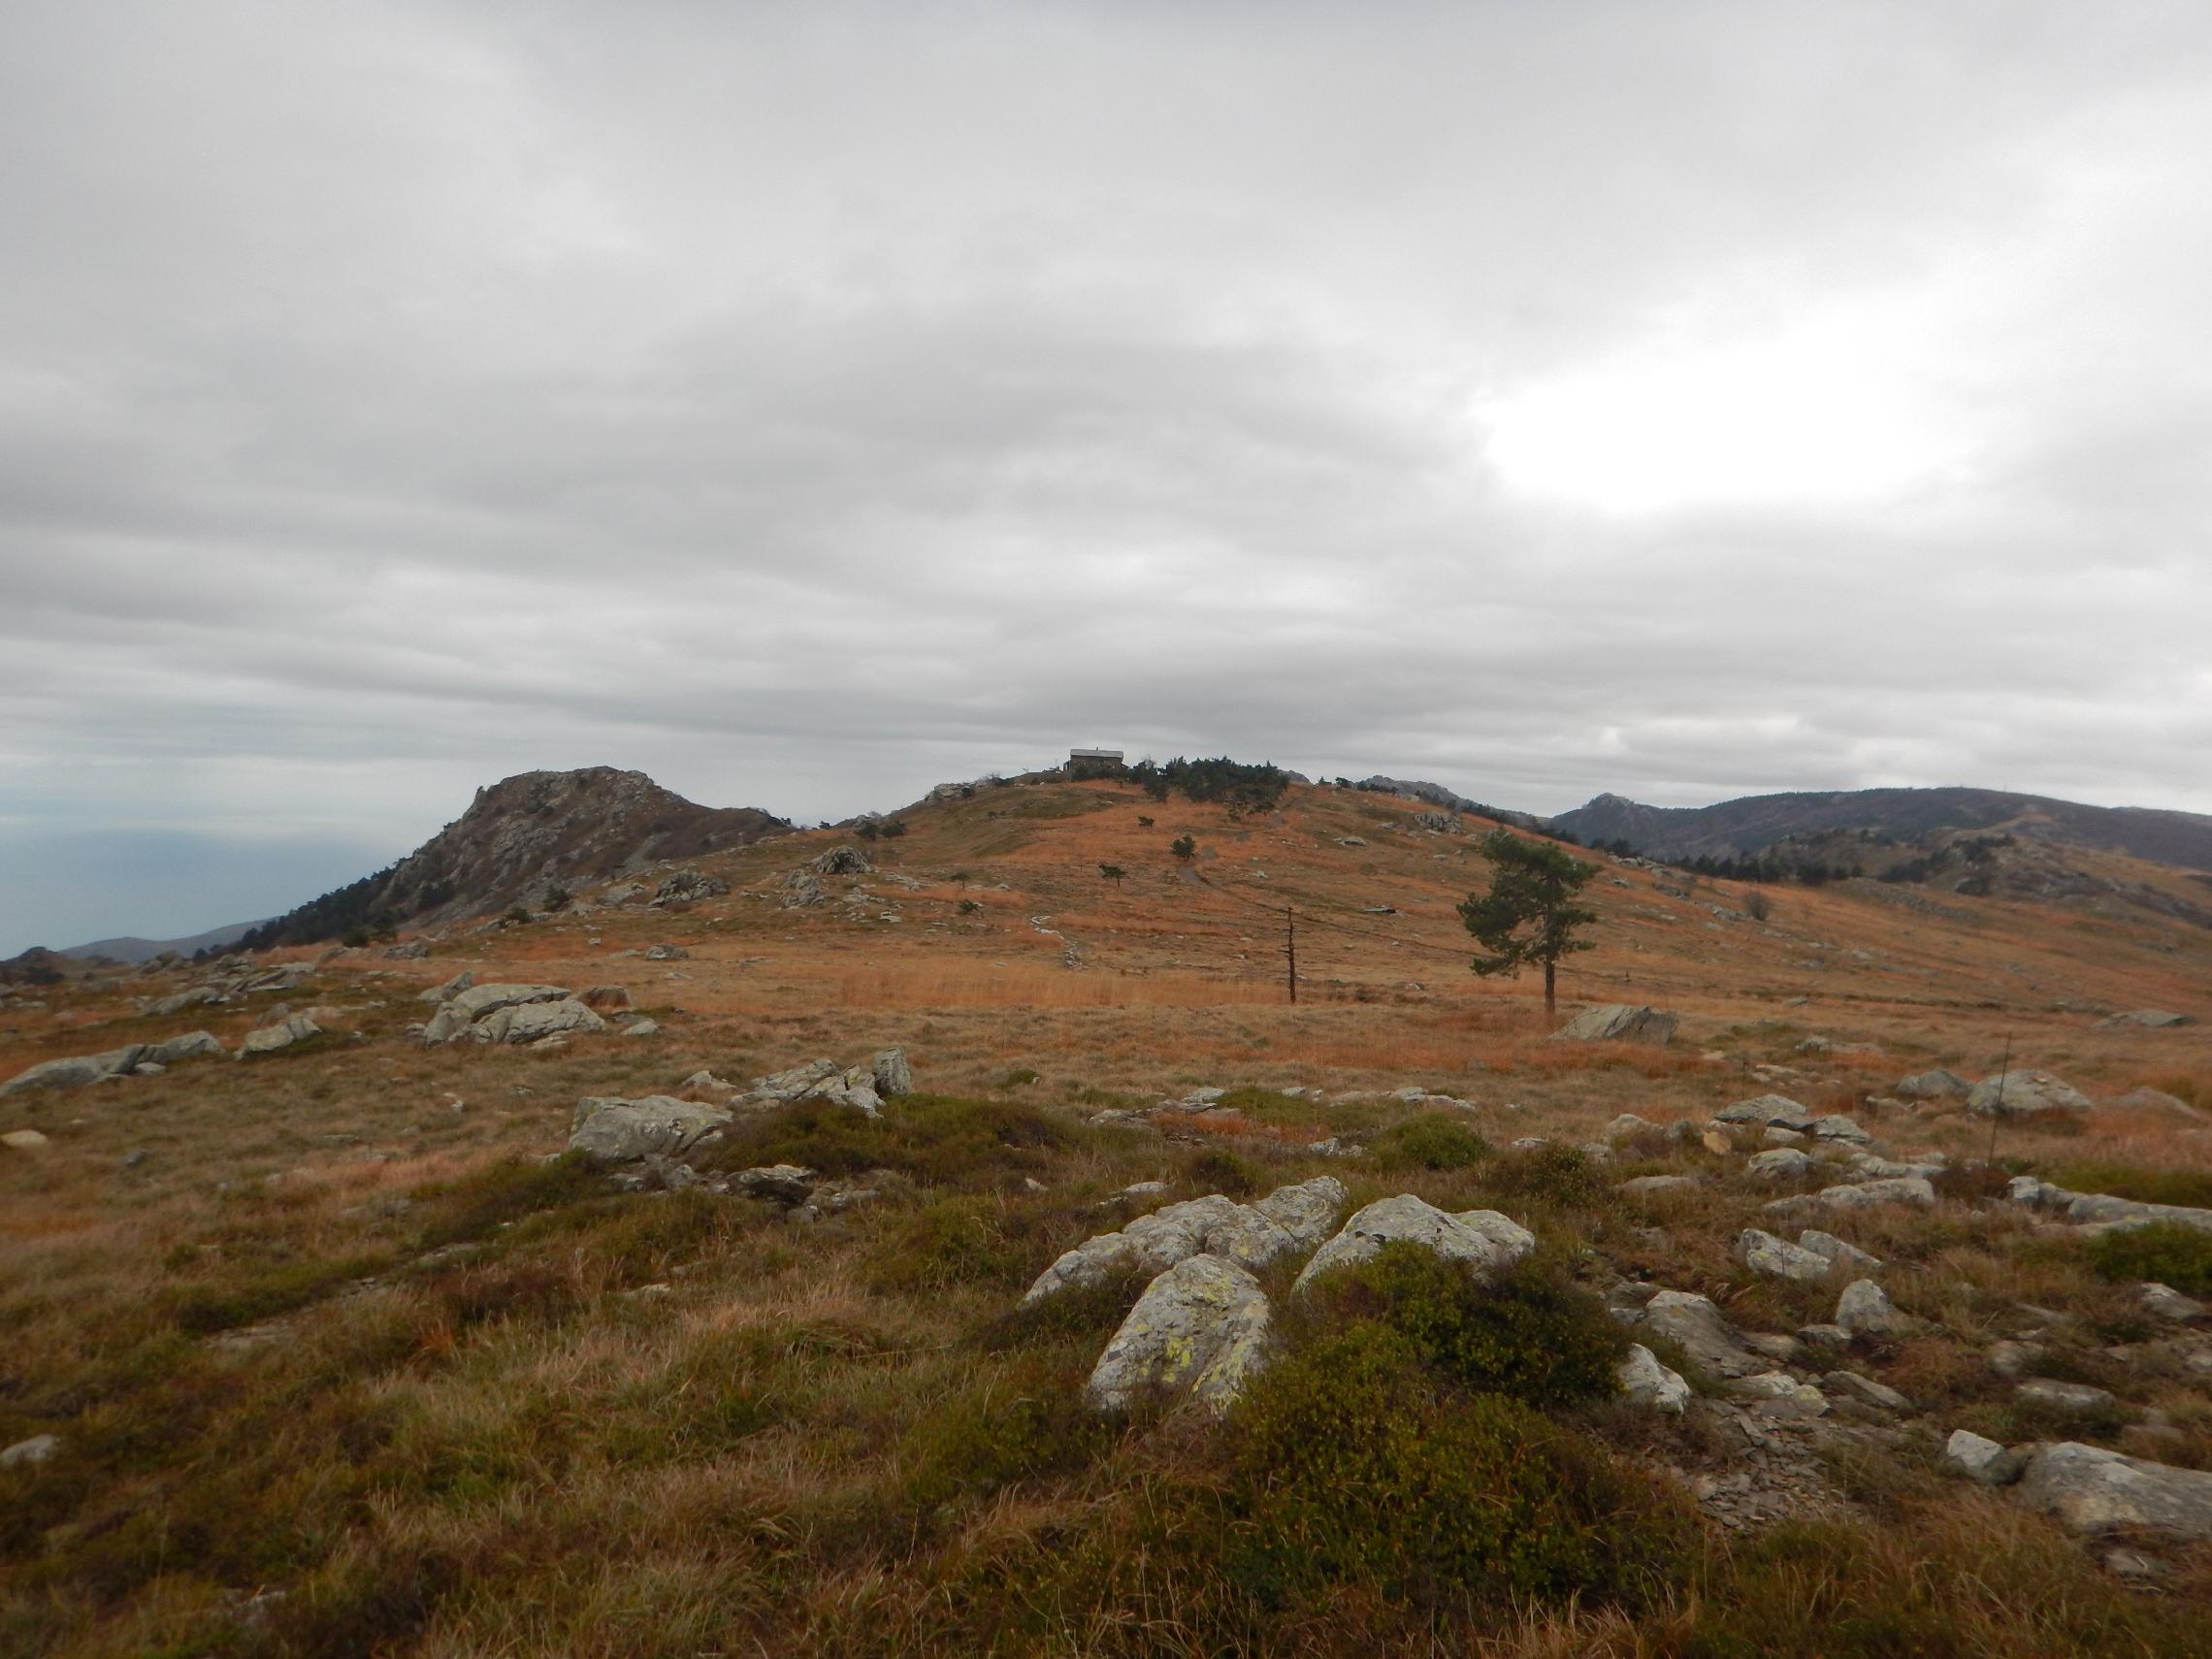 Parco naturale regionale del Beigua - Monte Reixa da Arenzano-5.jpg